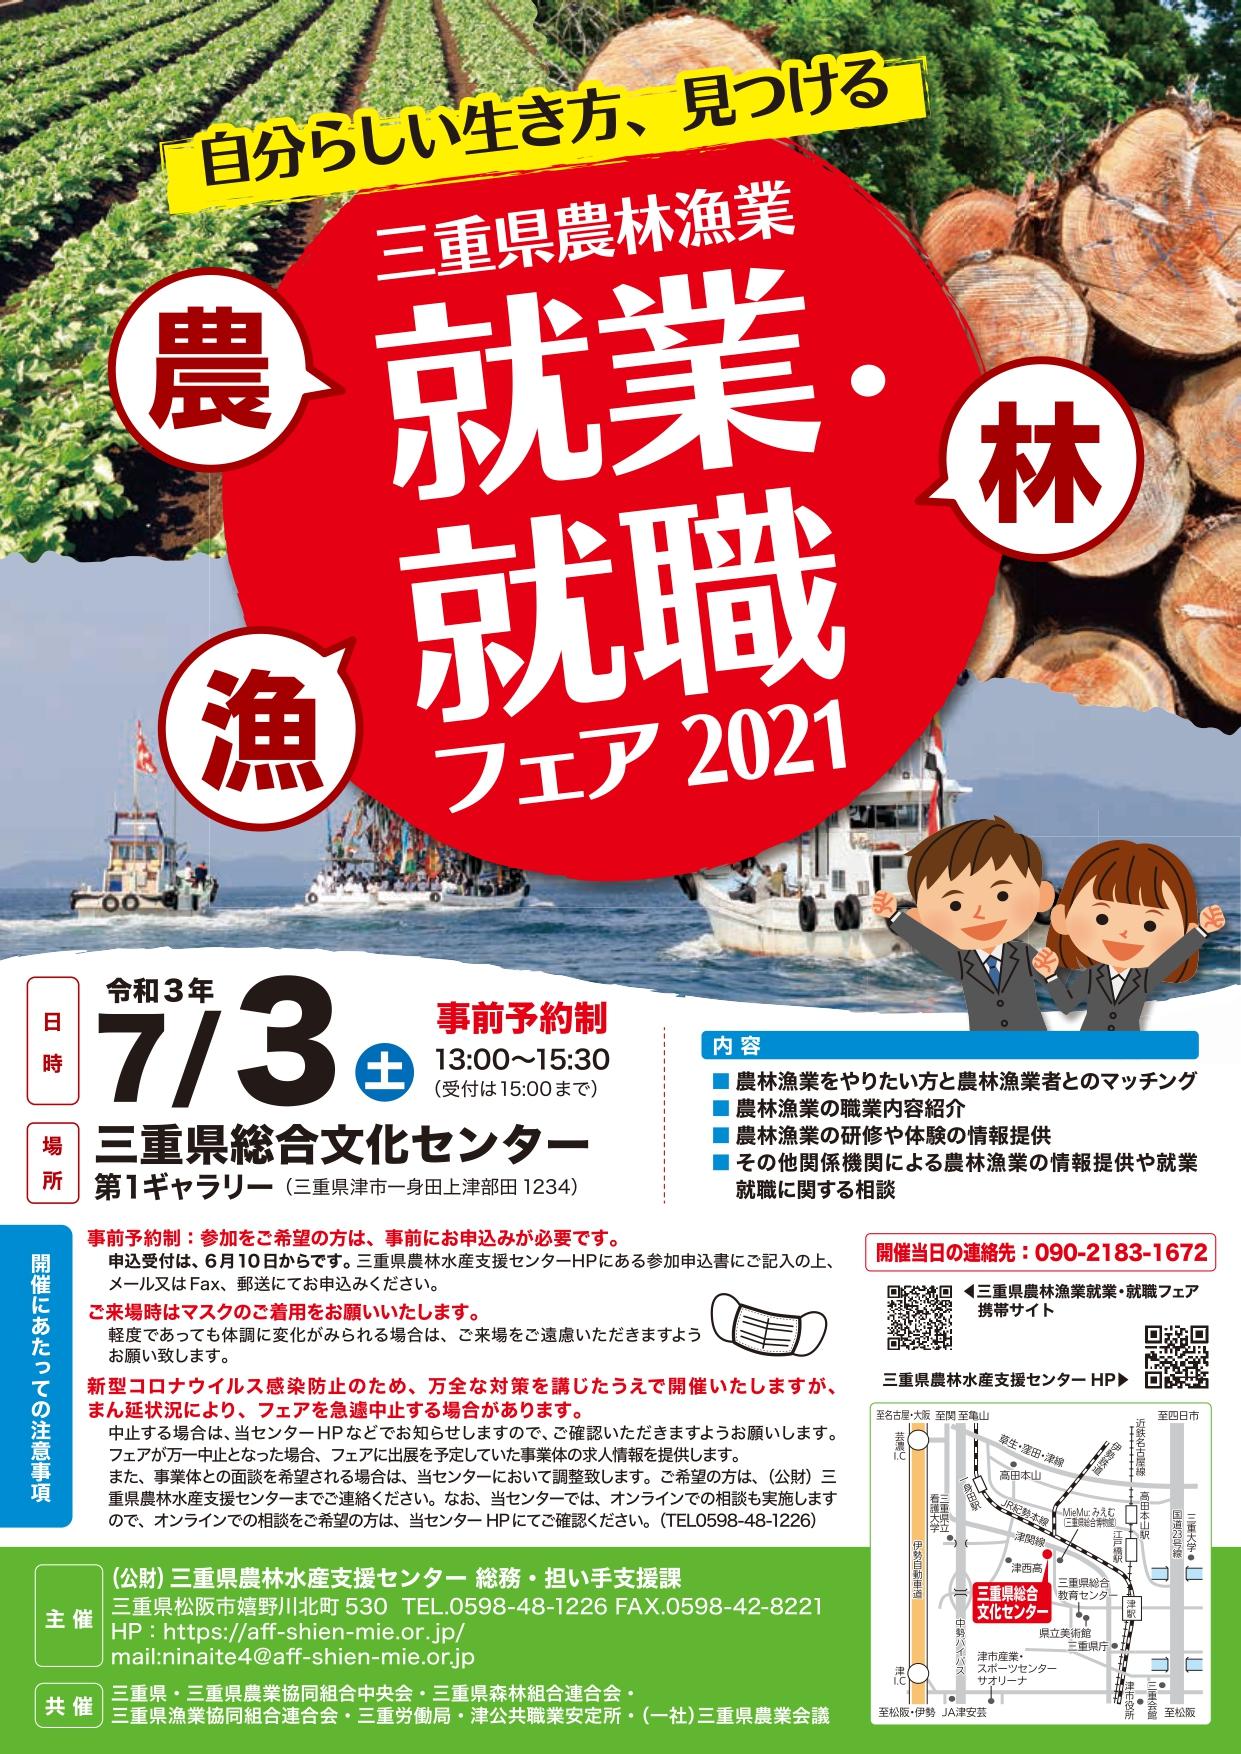 【7月3日(土)開催/事前申込制】三重県農林漁業就業・就職フェアが開催されます!_写真1